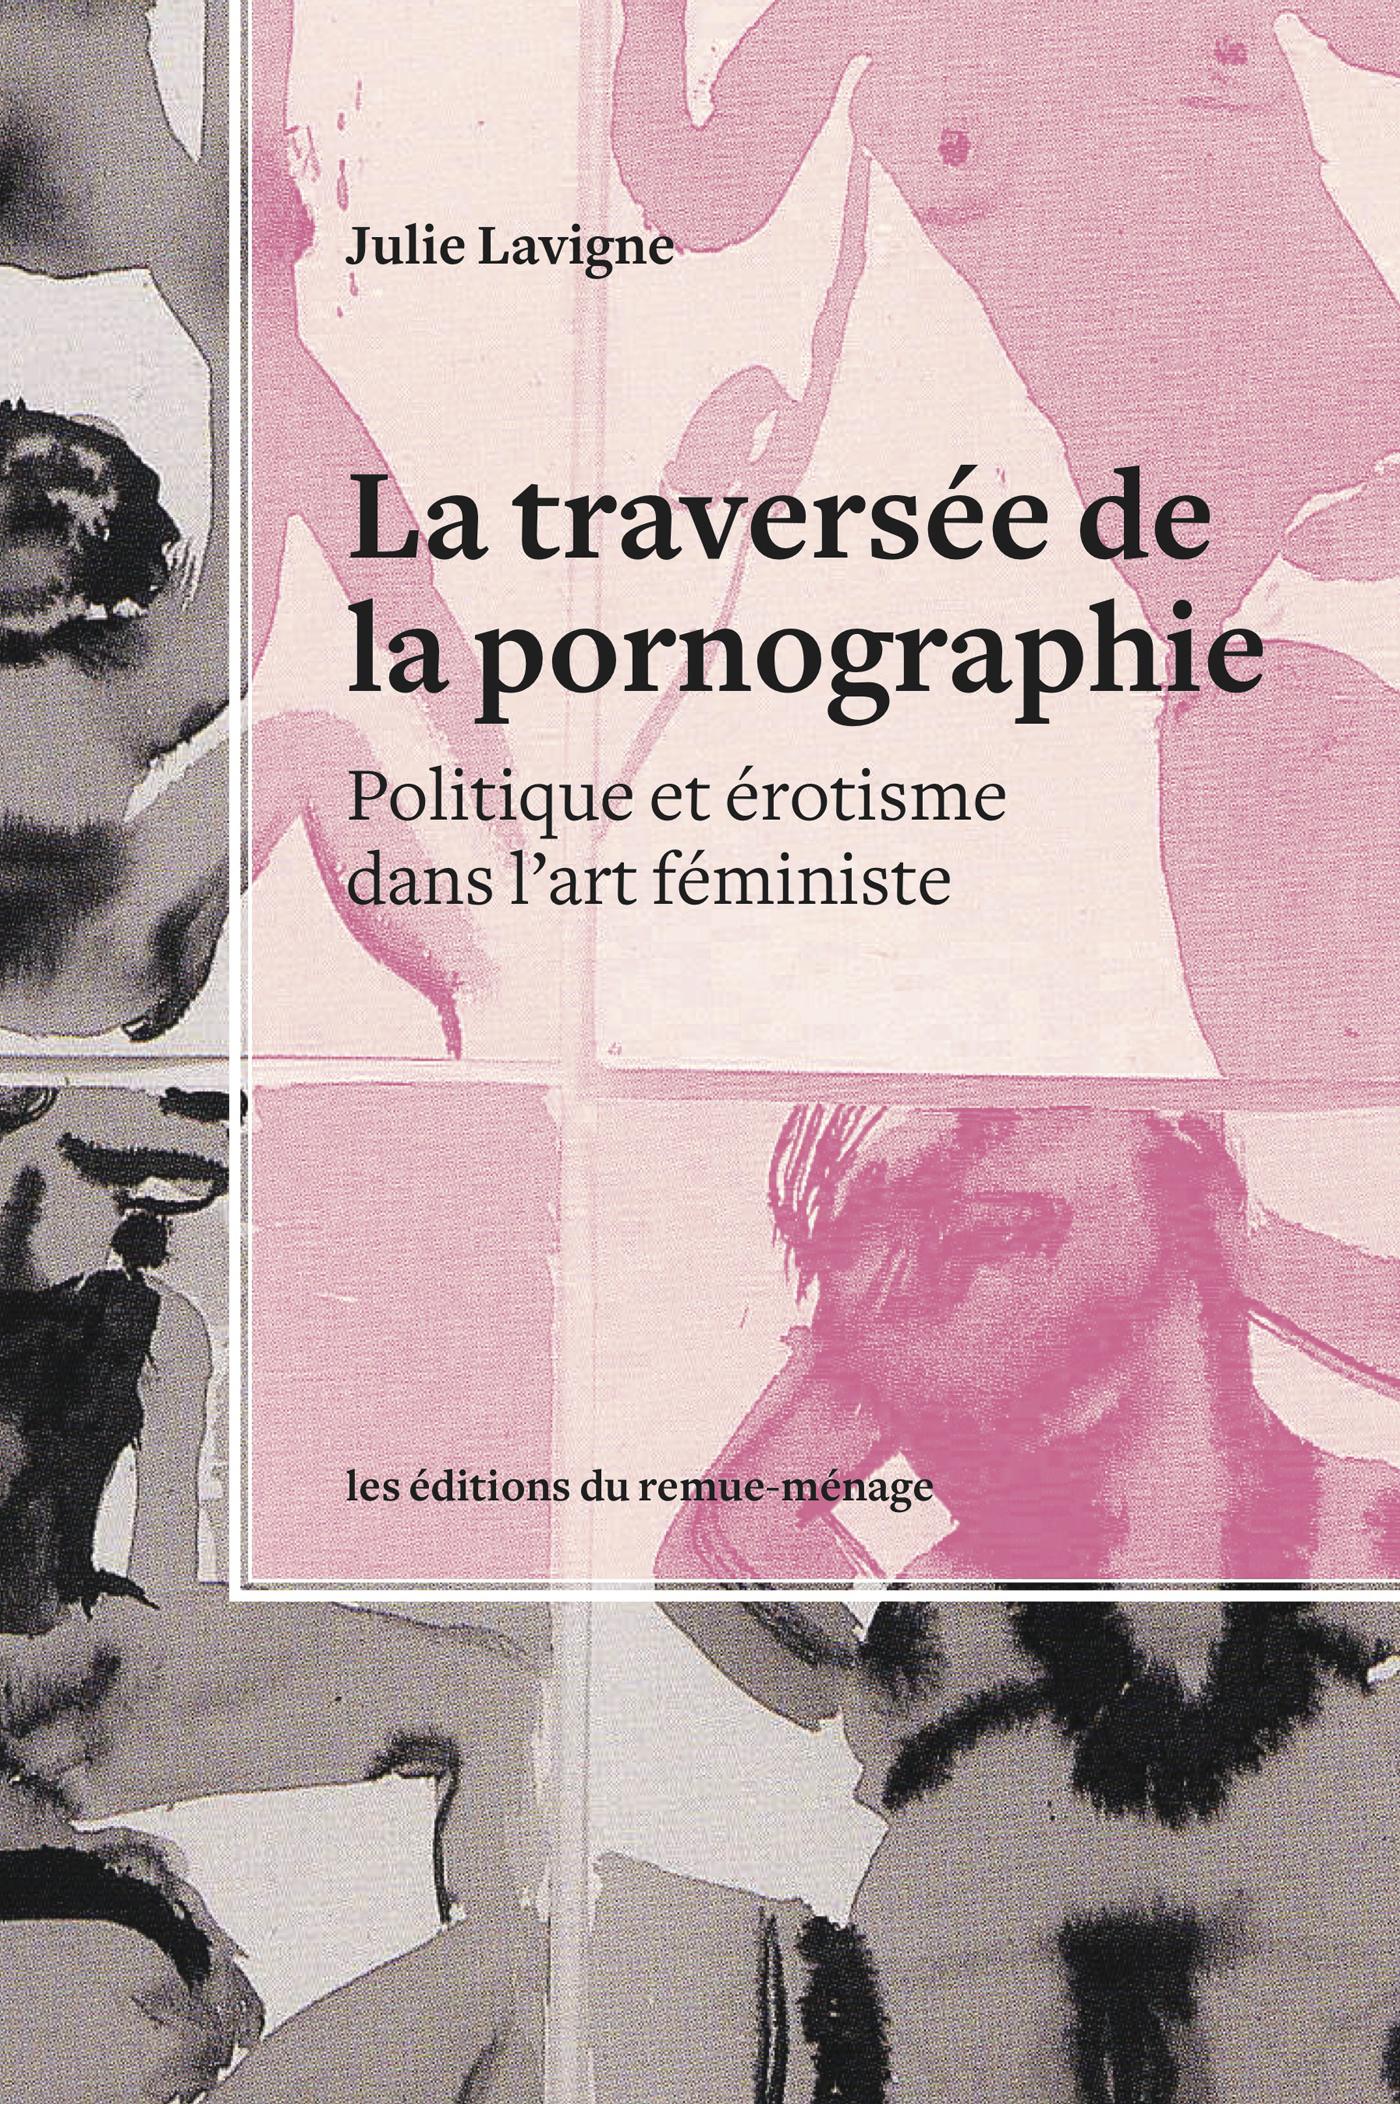 La traversée de la pornographie